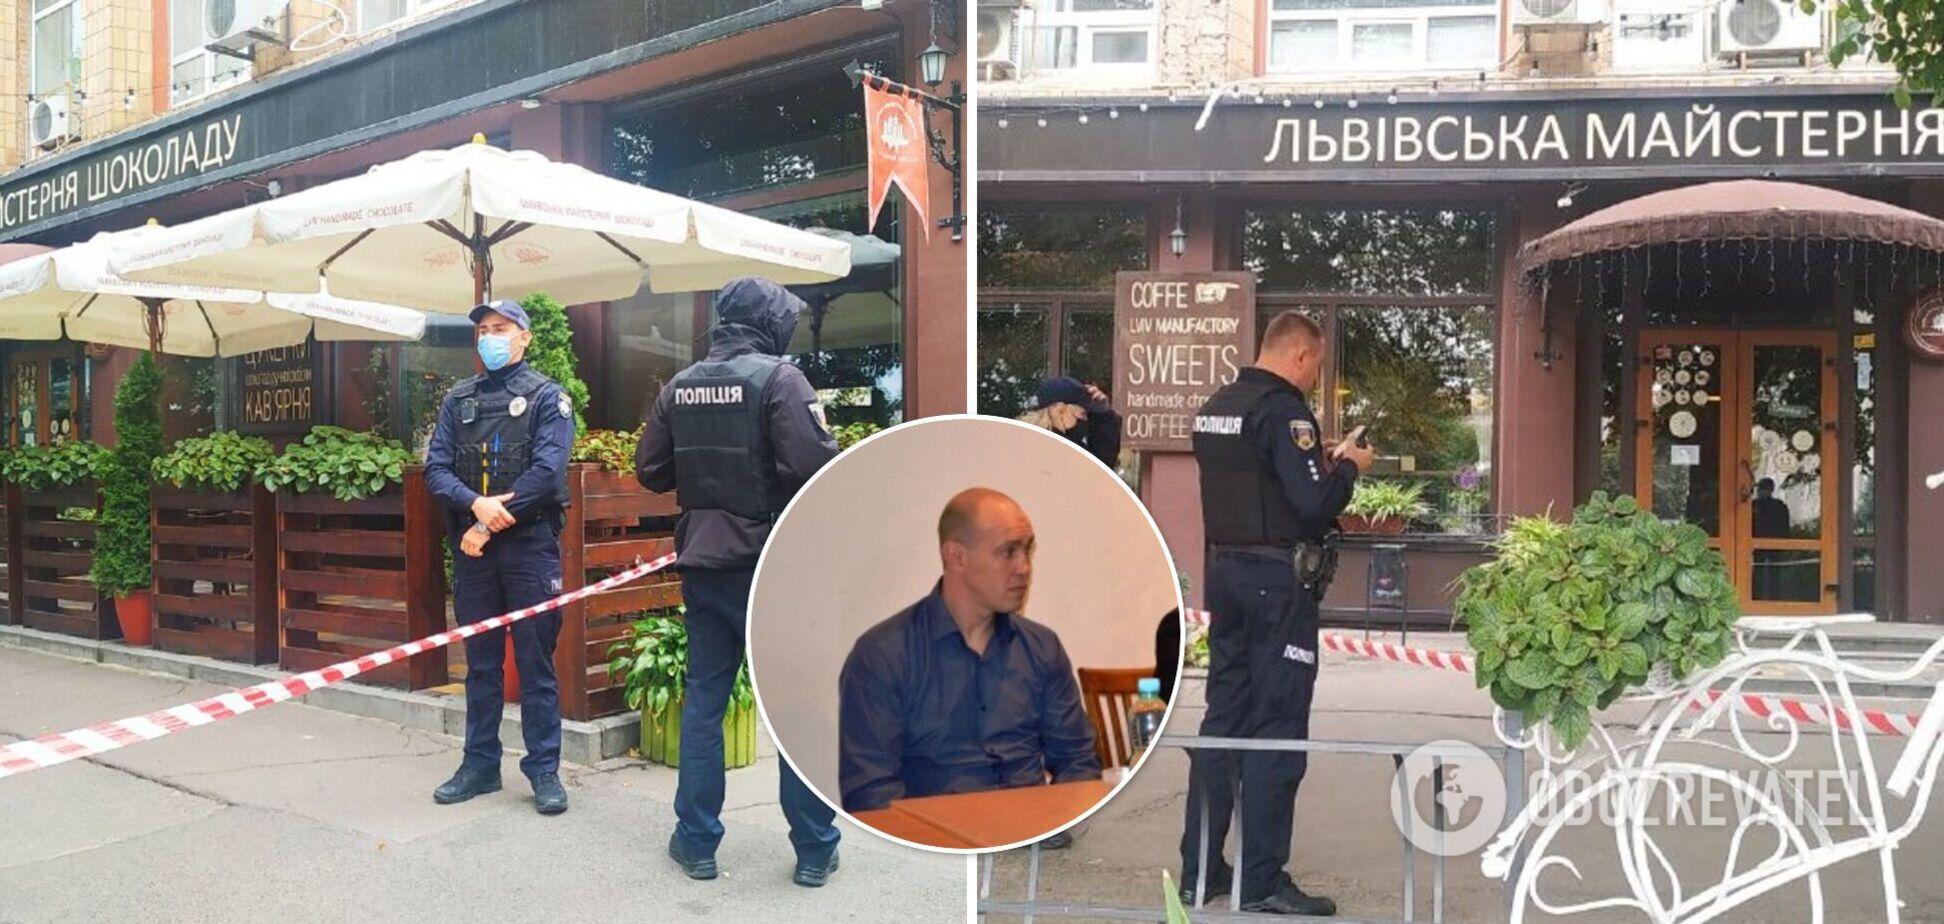 Нападники були в формі спецназу: спливли нові деталі вбивства бізнесмена в Черкасах